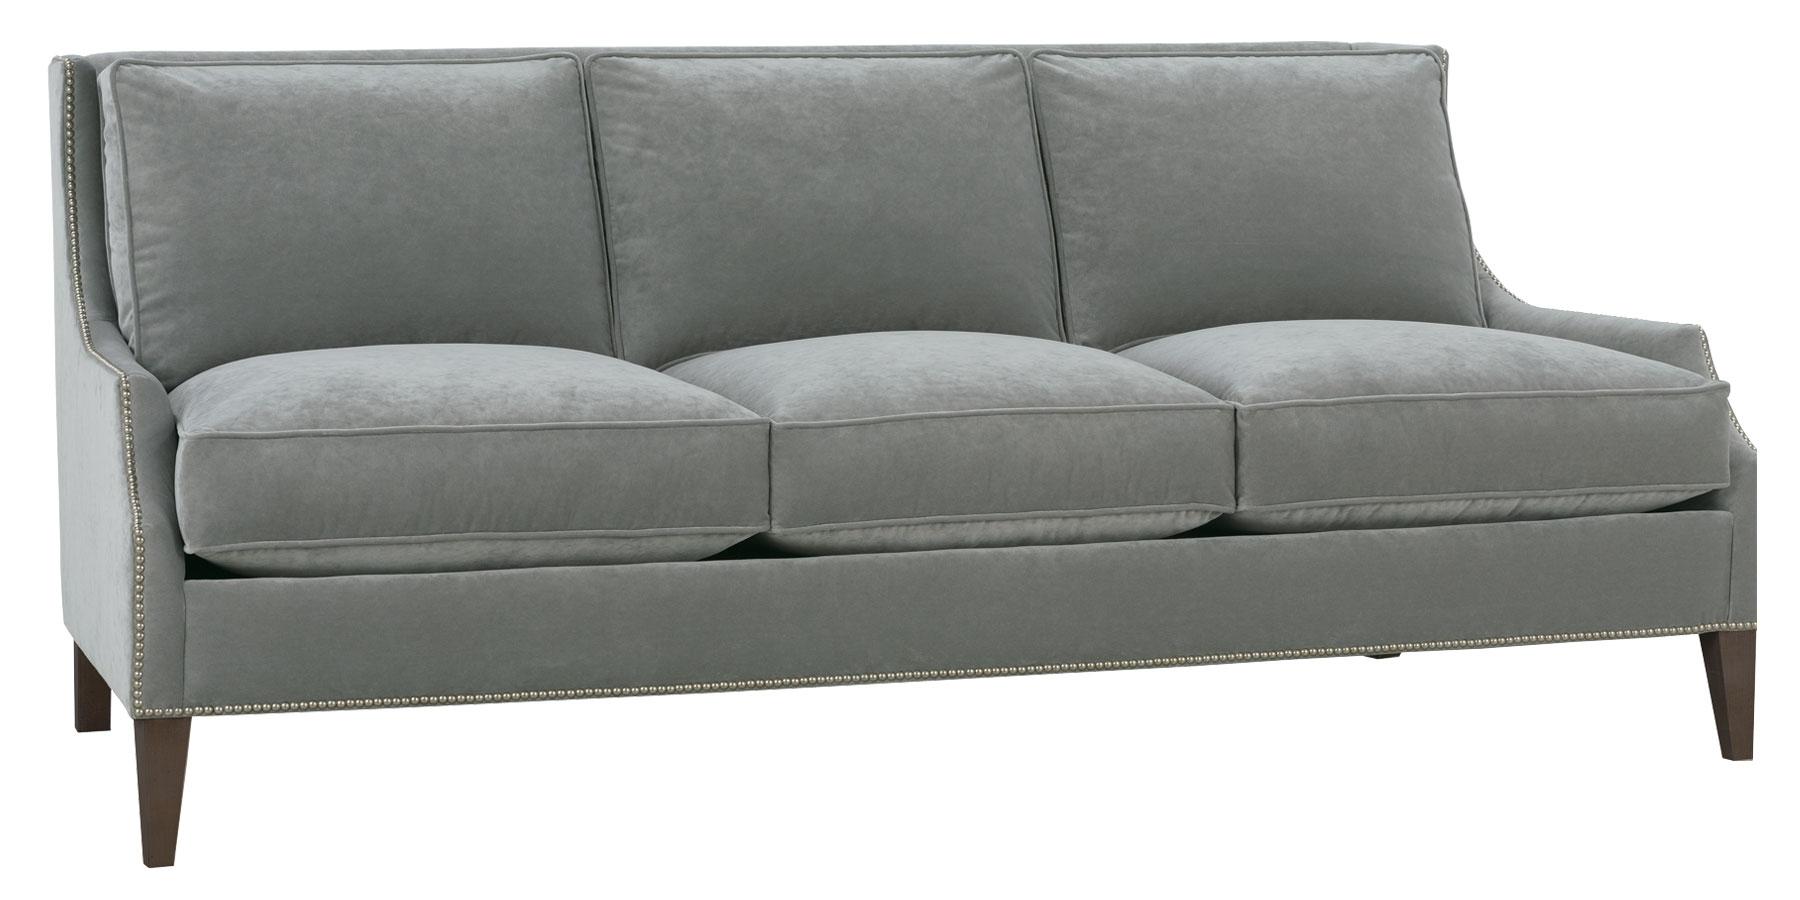 10 Ideas of Apartment Size Sofas | Sofa Ideas